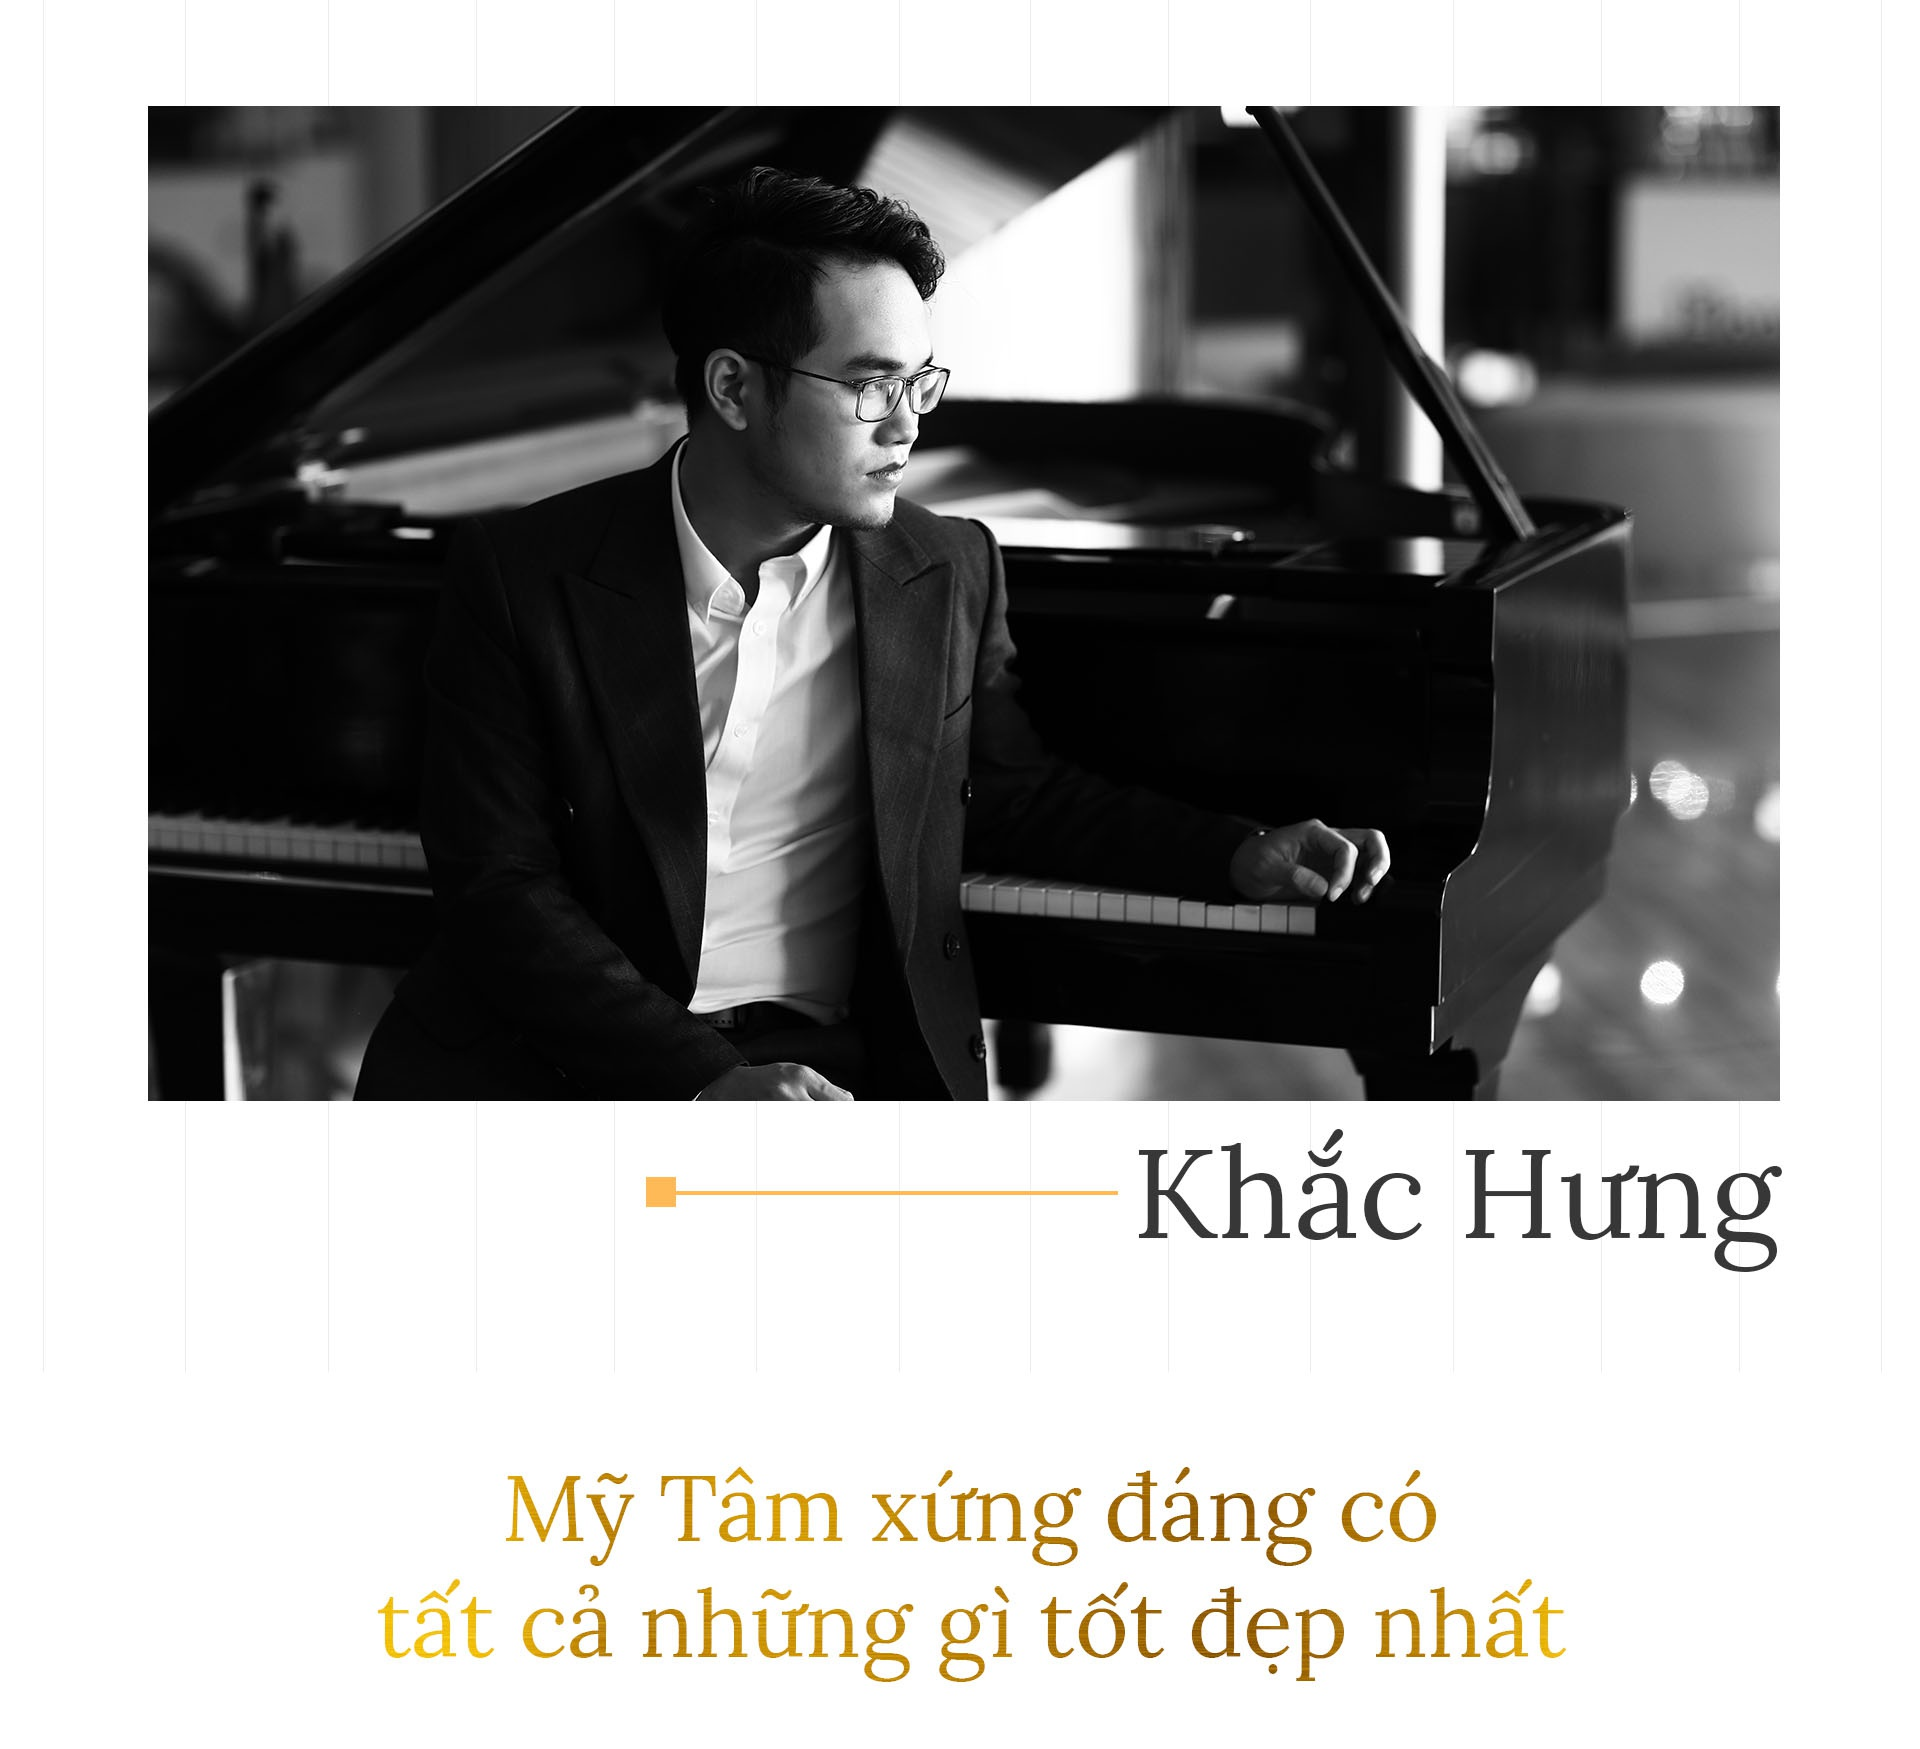 Khac Hung: 'My Tam xung dang co tat ca nhung gi tot dep nhat' hinh anh 2